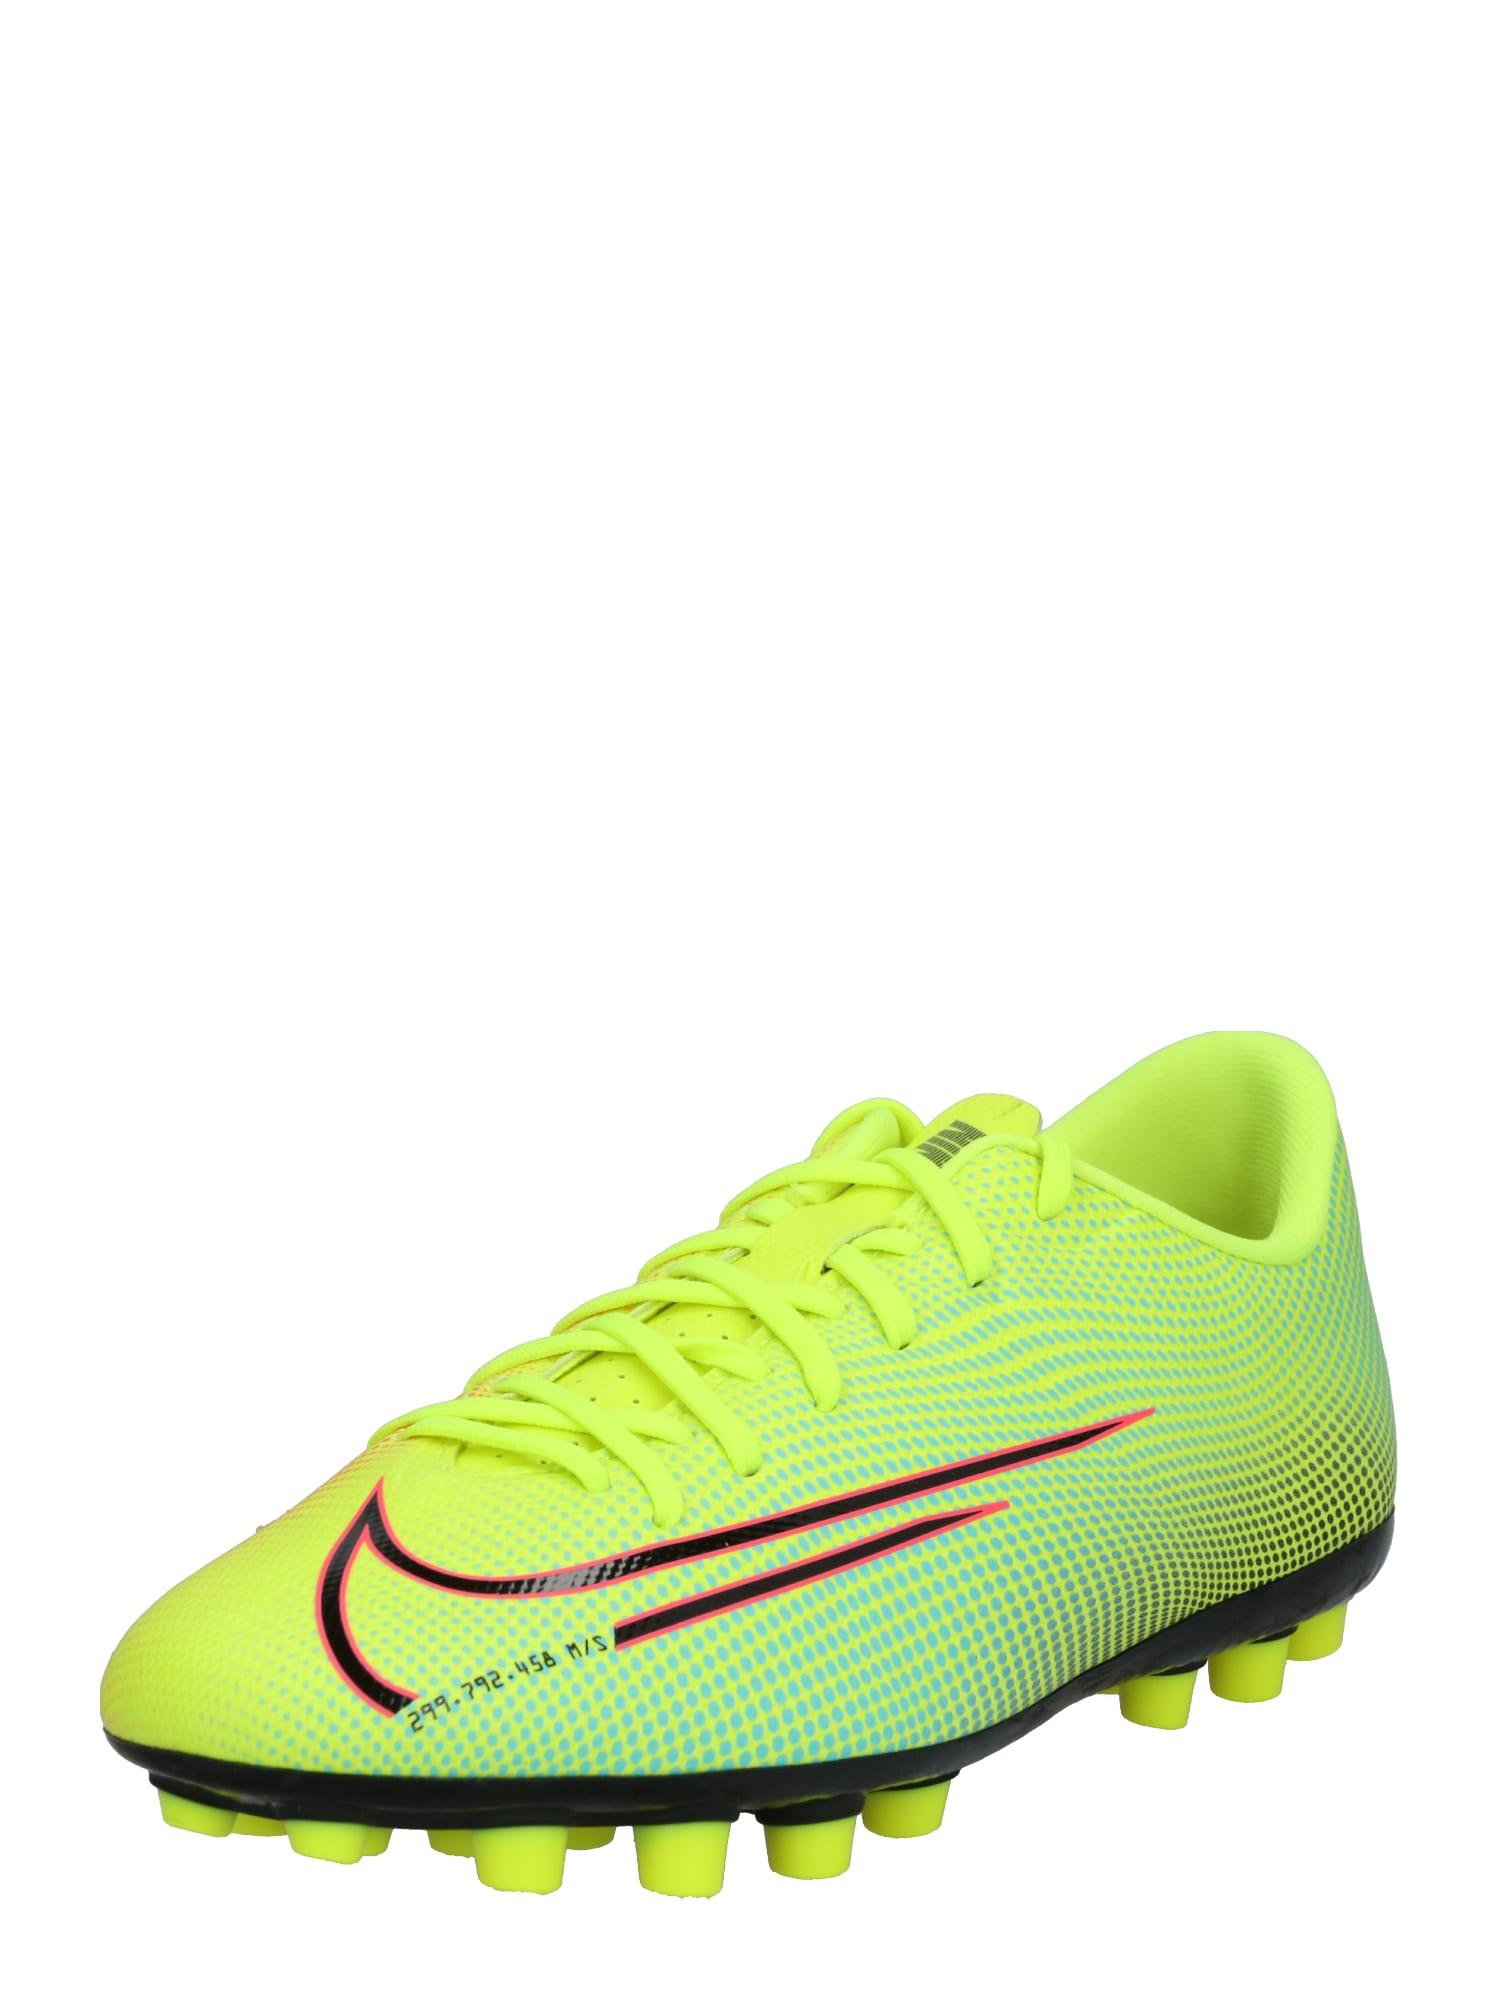 NIKE Sportiniai batai 'Mercurial Vapor 13 Academy' juoda / mėlyna / raudona / neoninė geltona